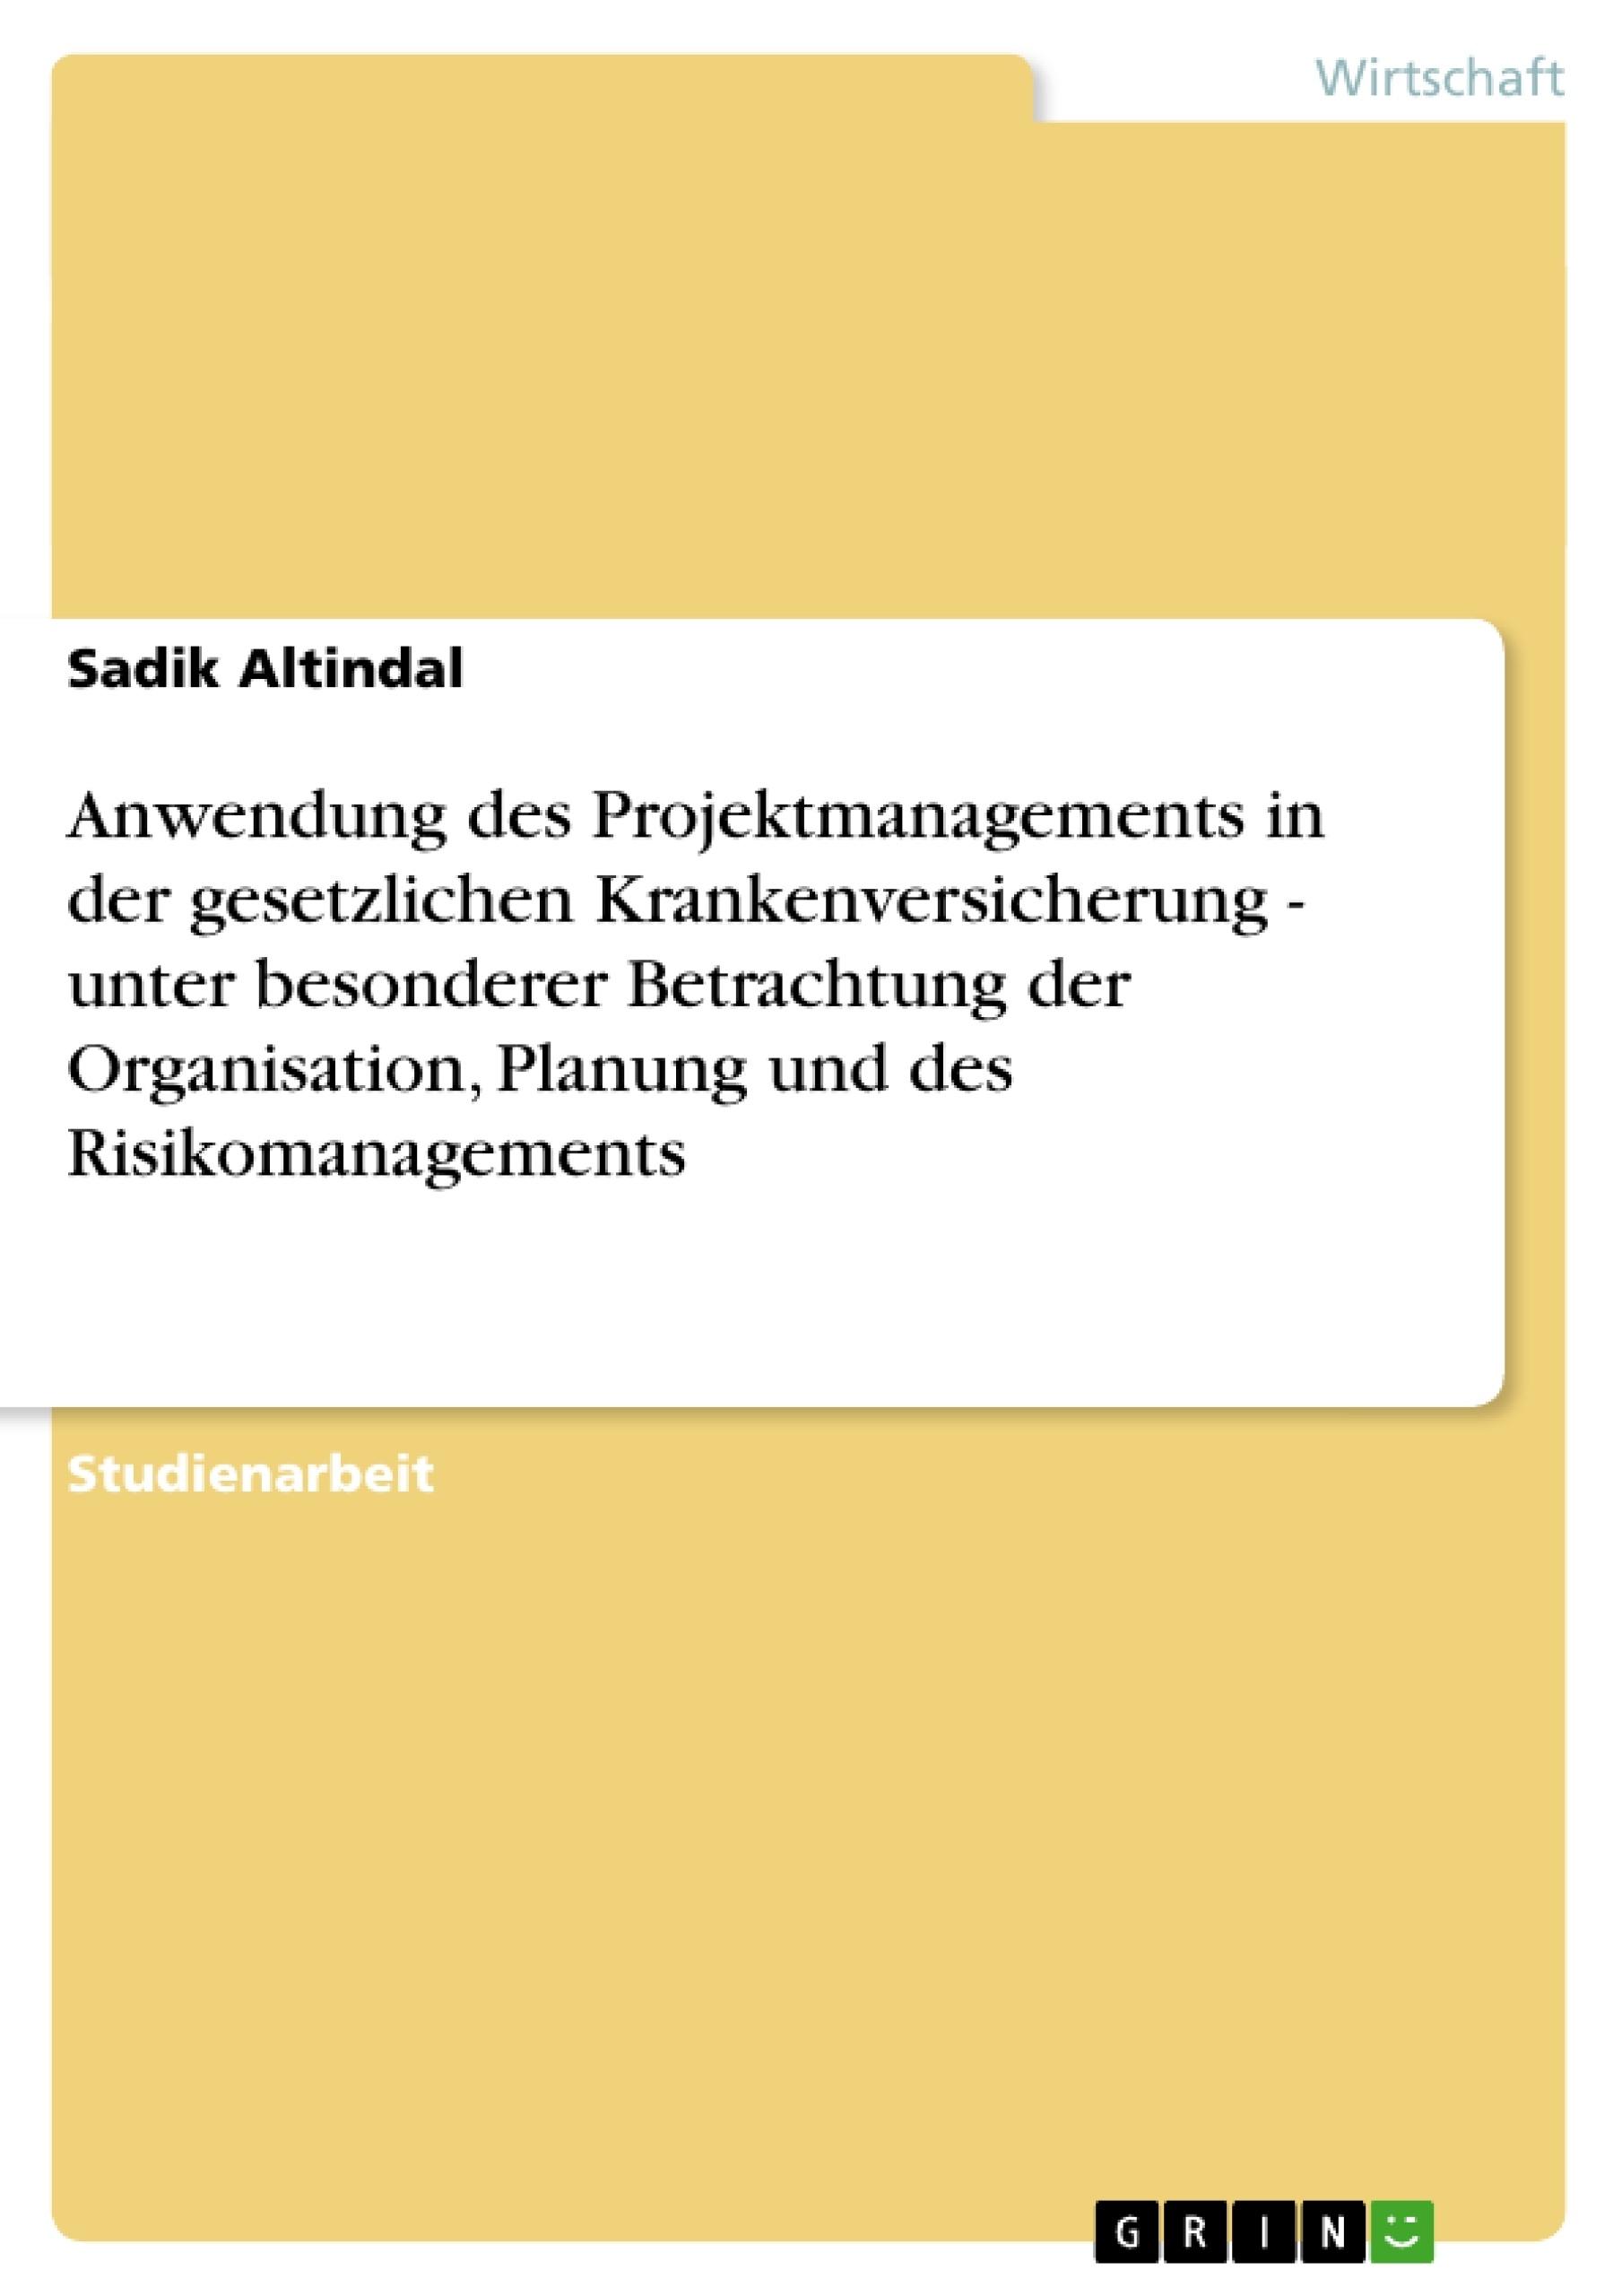 Titel: Anwendung des Projektmanagements in der gesetzlichen Krankenversicherung - unter besonderer Betrachtung der Organisation, Planung und des Risikomanagements